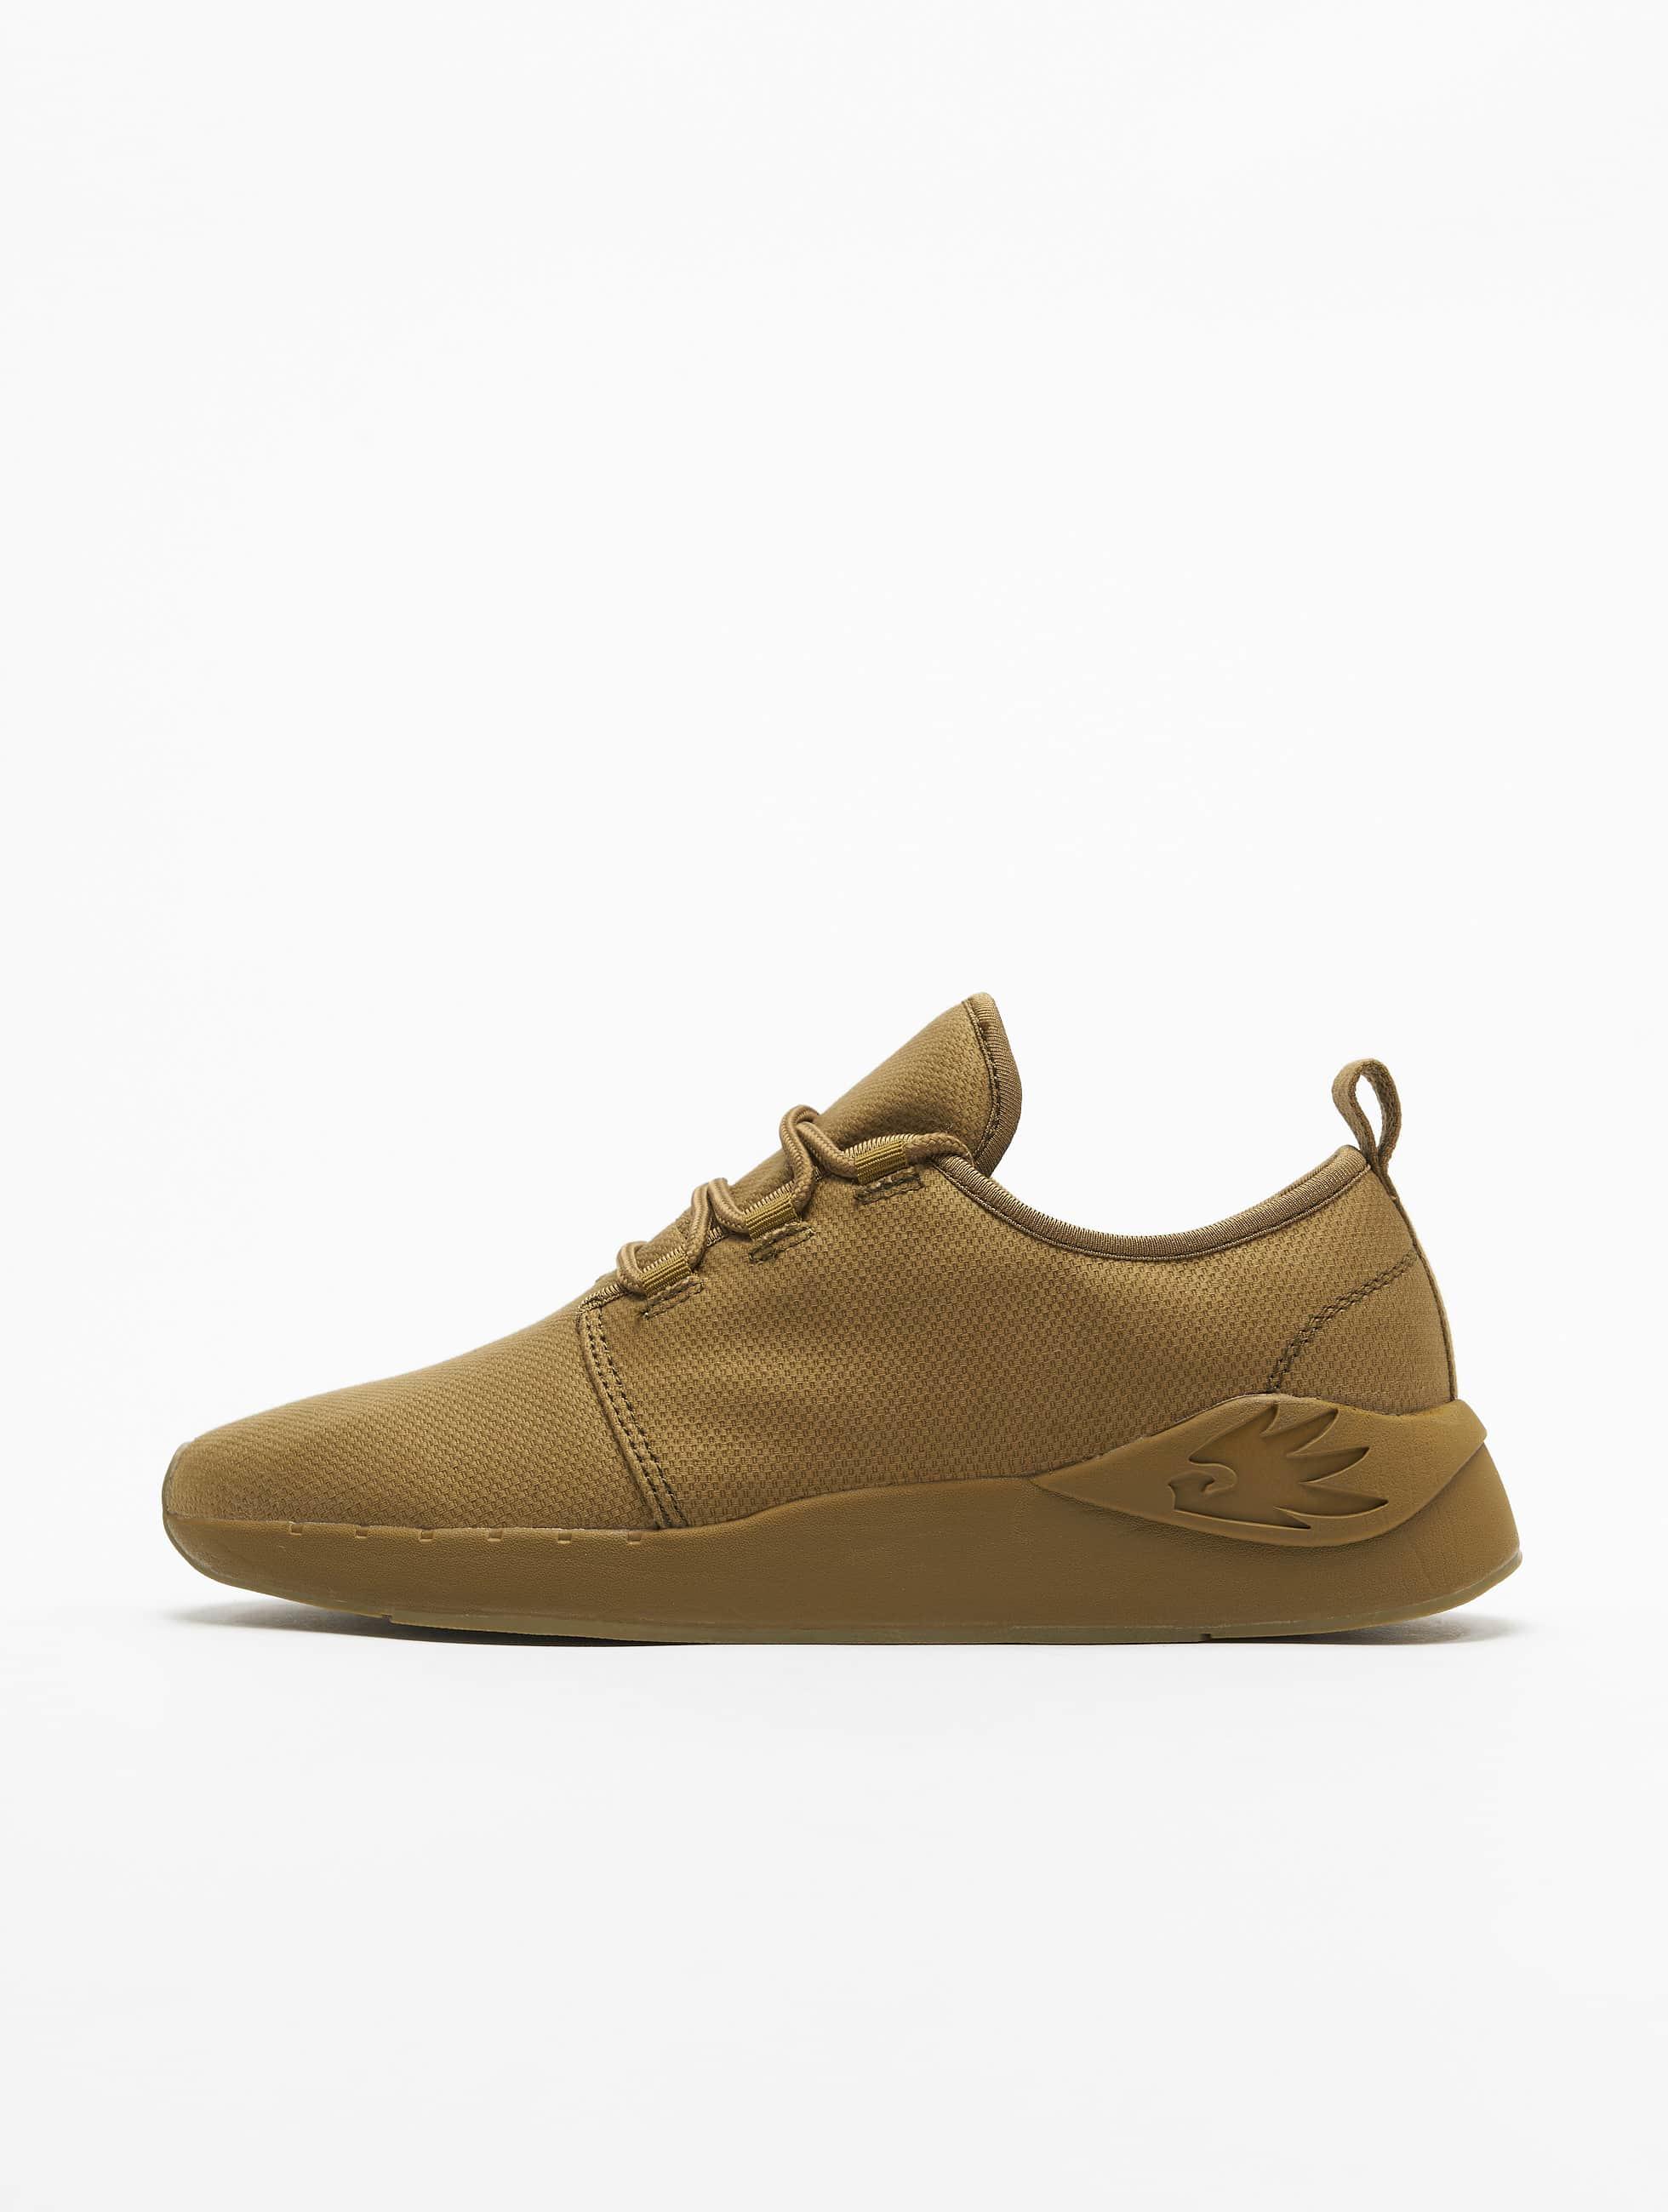 Chaussures Dngrs Vert Olive En 40 Hommes PsXbZNsDZ